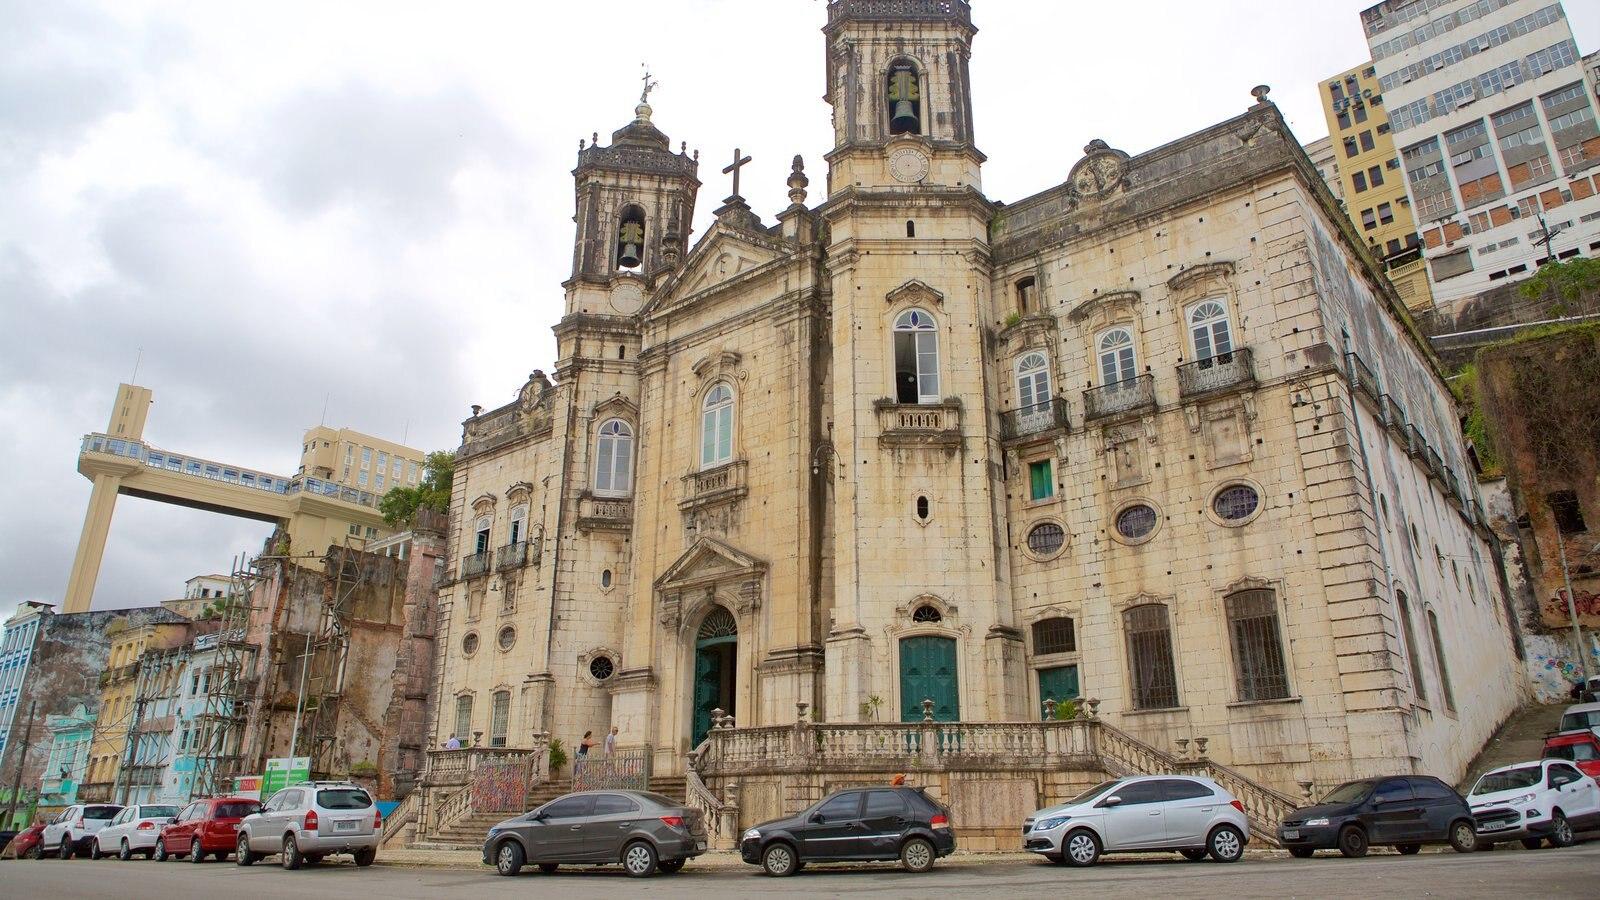 Basílica de Nossa Senhora de Conceição da Praia que inclui elementos religiosos, cenas de rua e uma igreja ou catedral